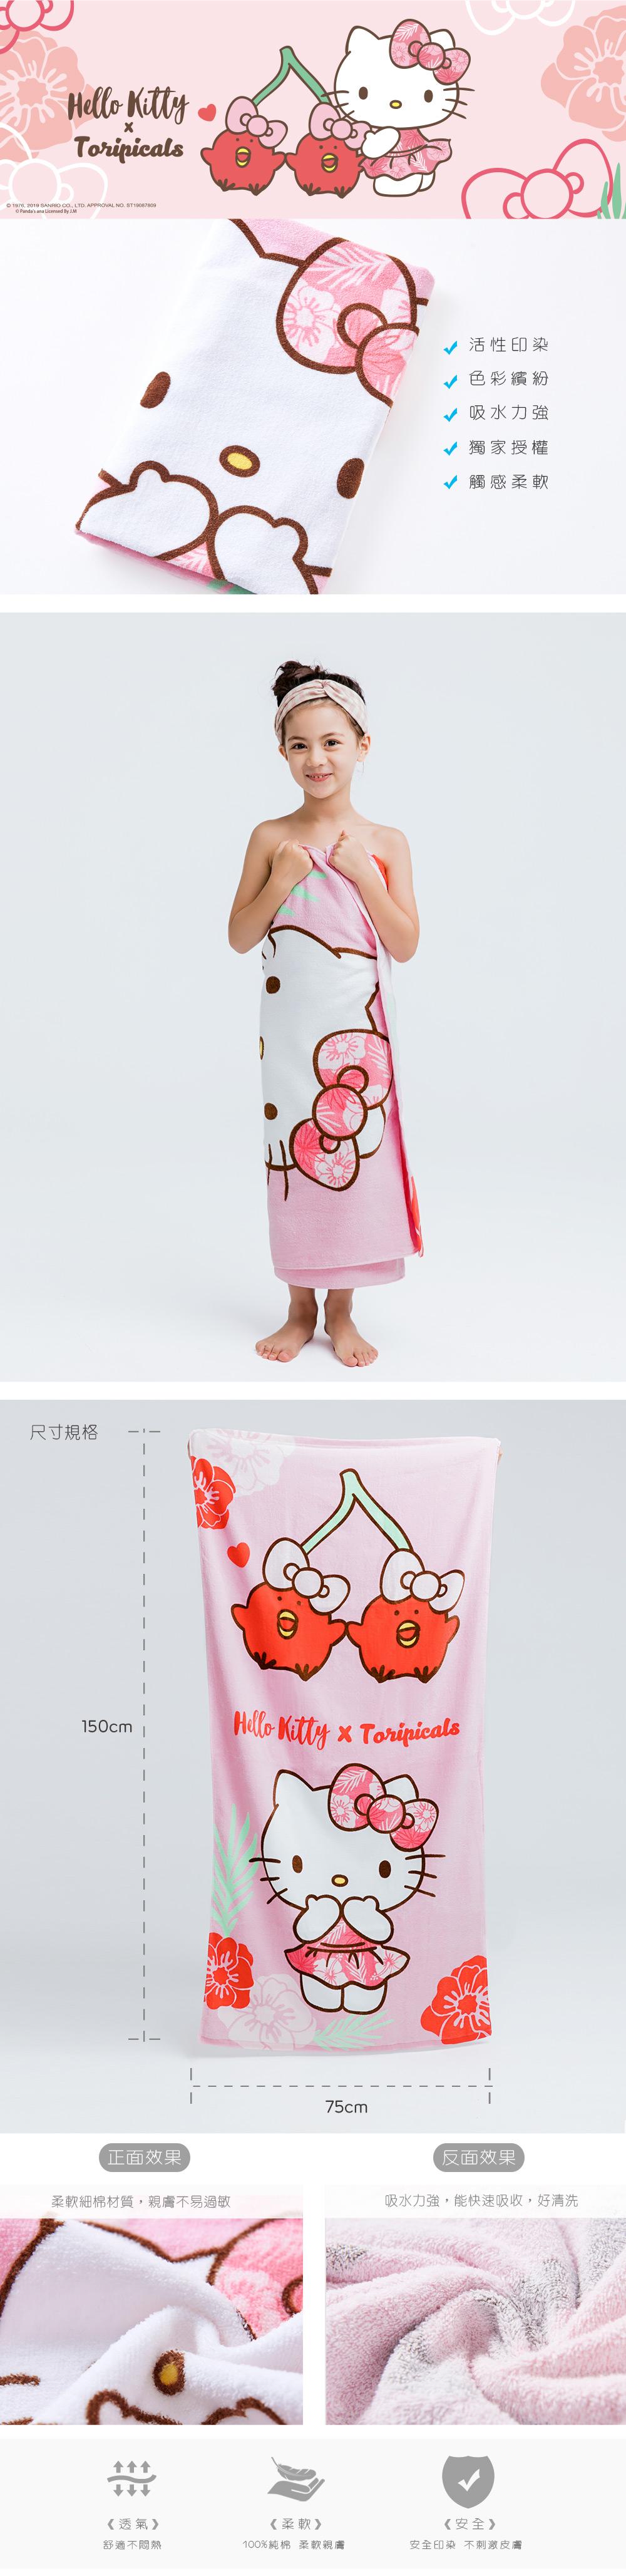 熱帶水果鳥凱蒂貓大裕巾-01